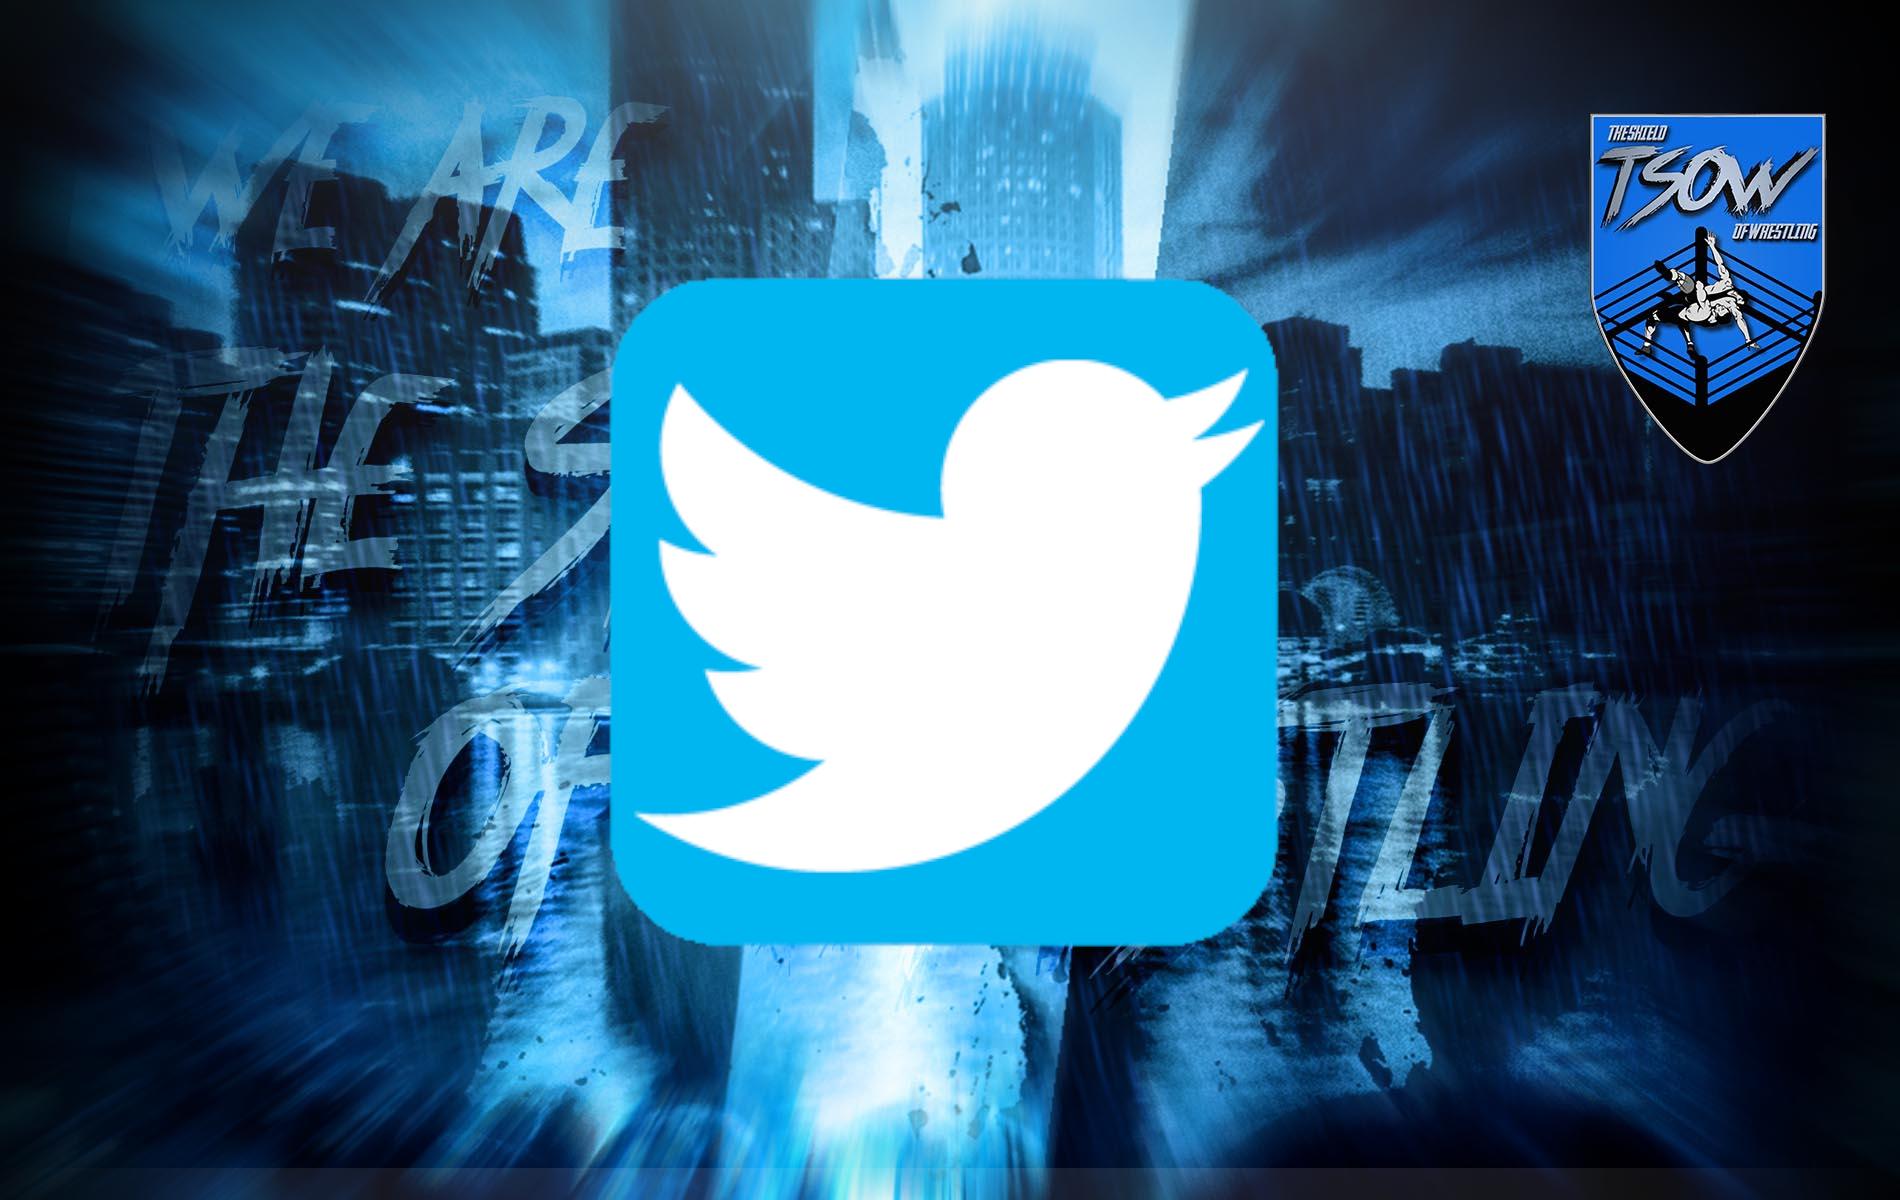 #SpeakingOut: Lance Storm risponde ad un tweet offensivo verso le vittime